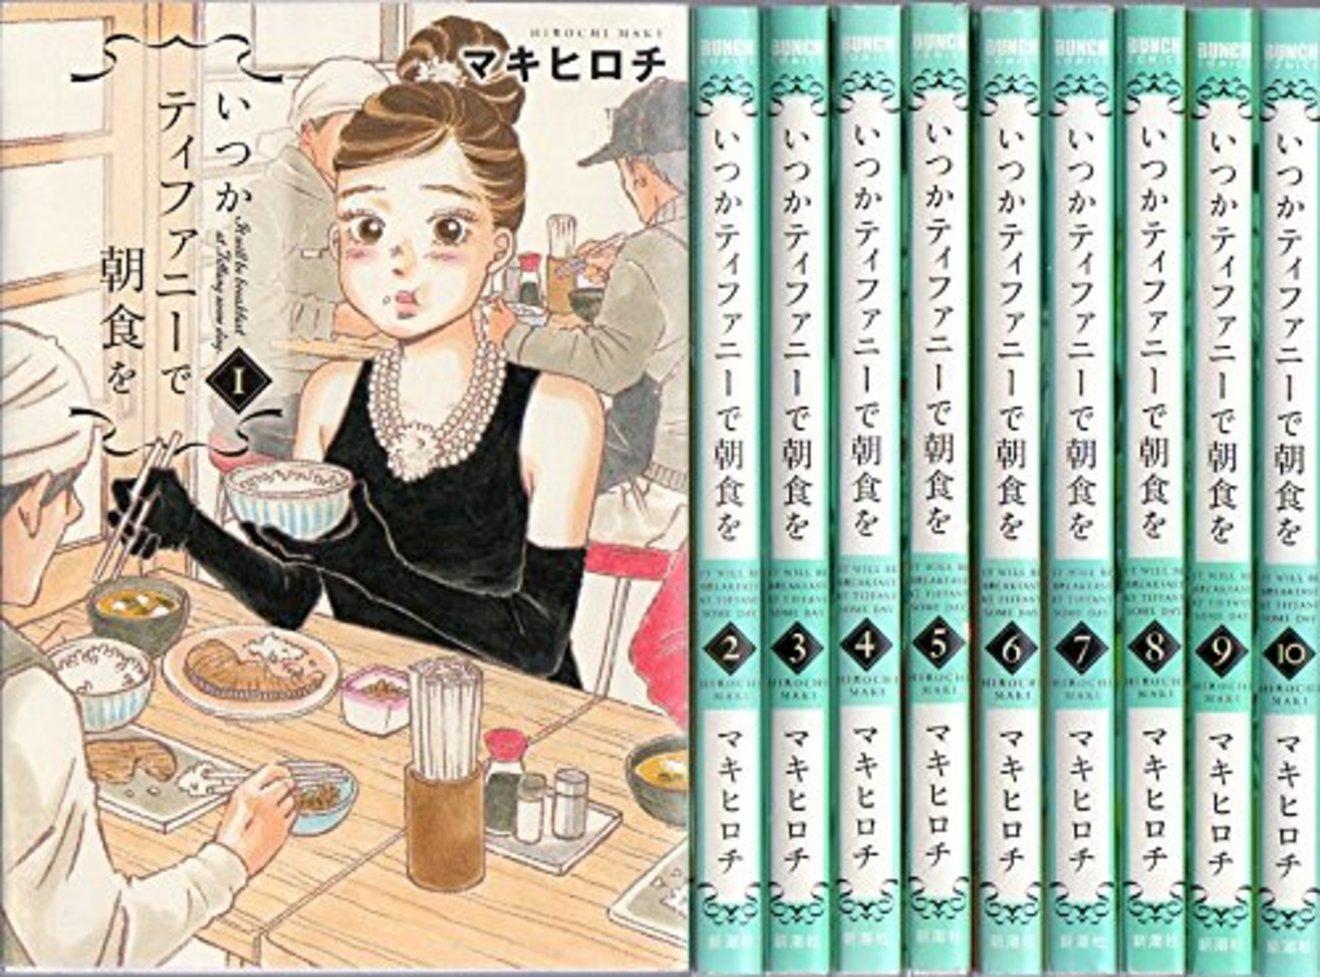 漫画『いつかティファニーで朝食を』の名店を最新12巻まで紹介!